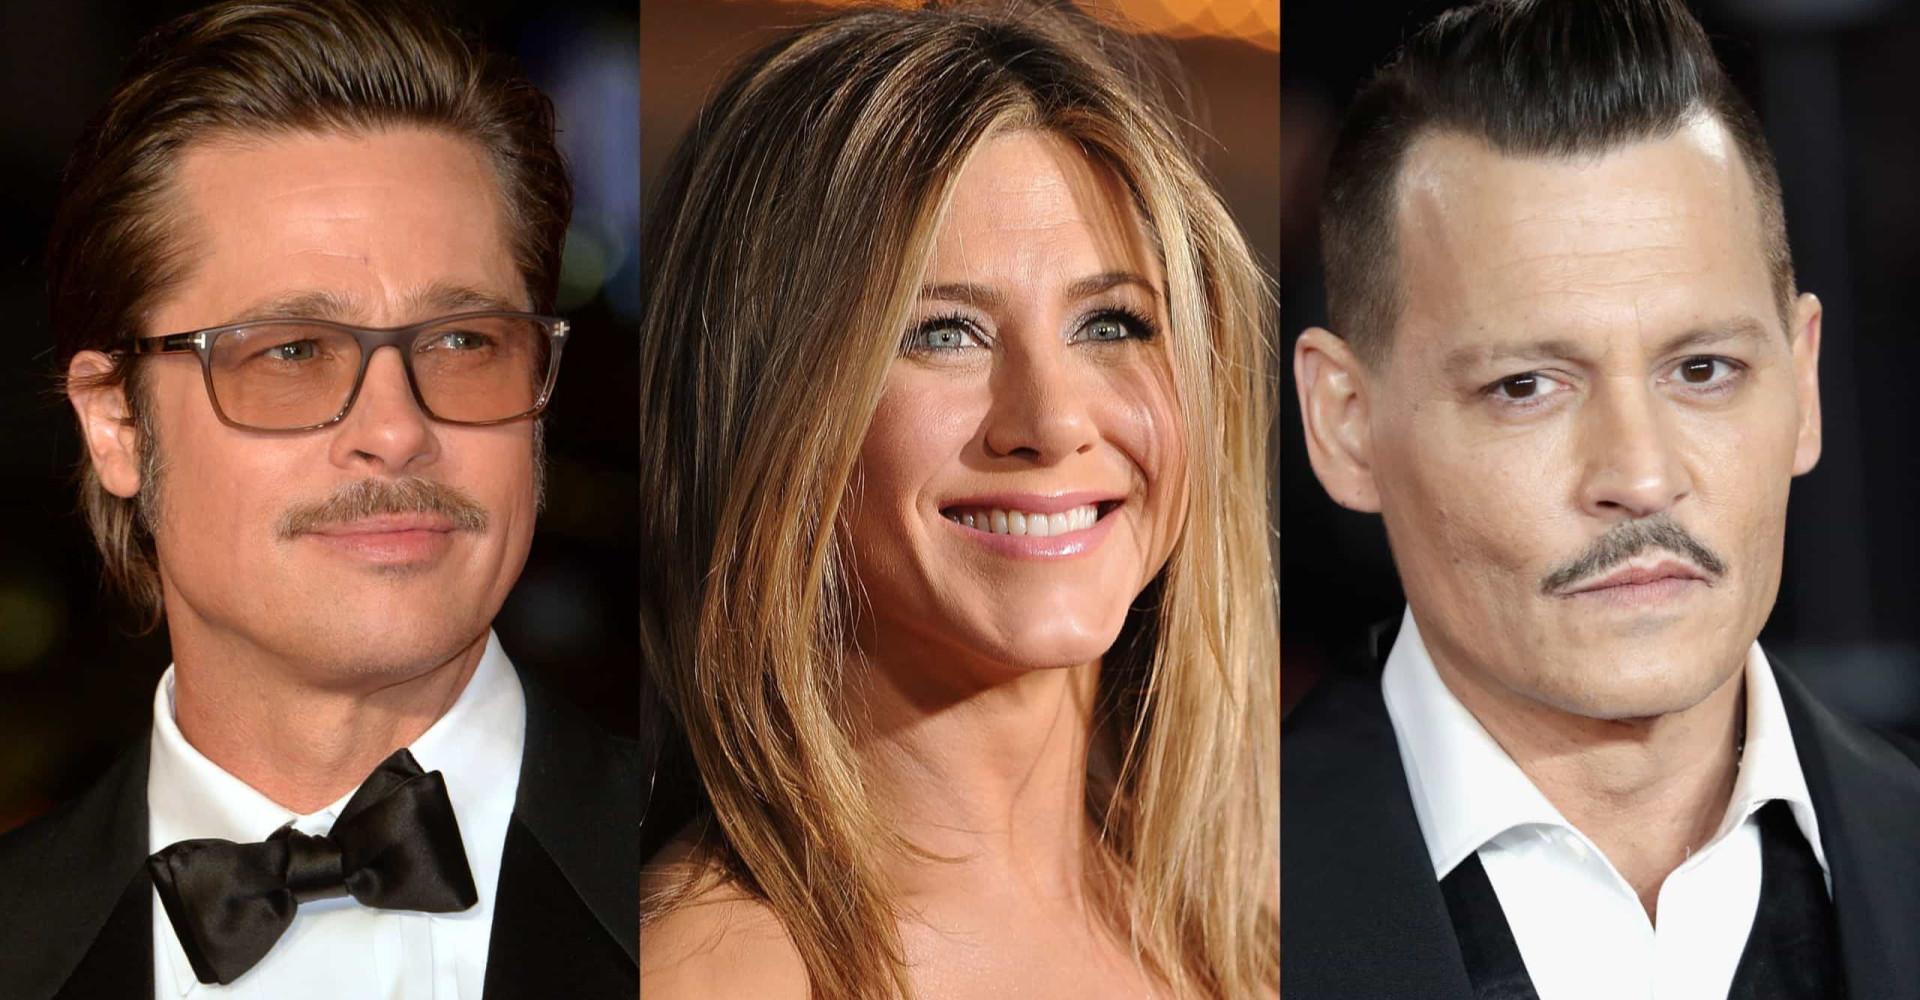 Katso, missä töissä Hollywood-tähdet olivat ennen kuuluisuuttaan!